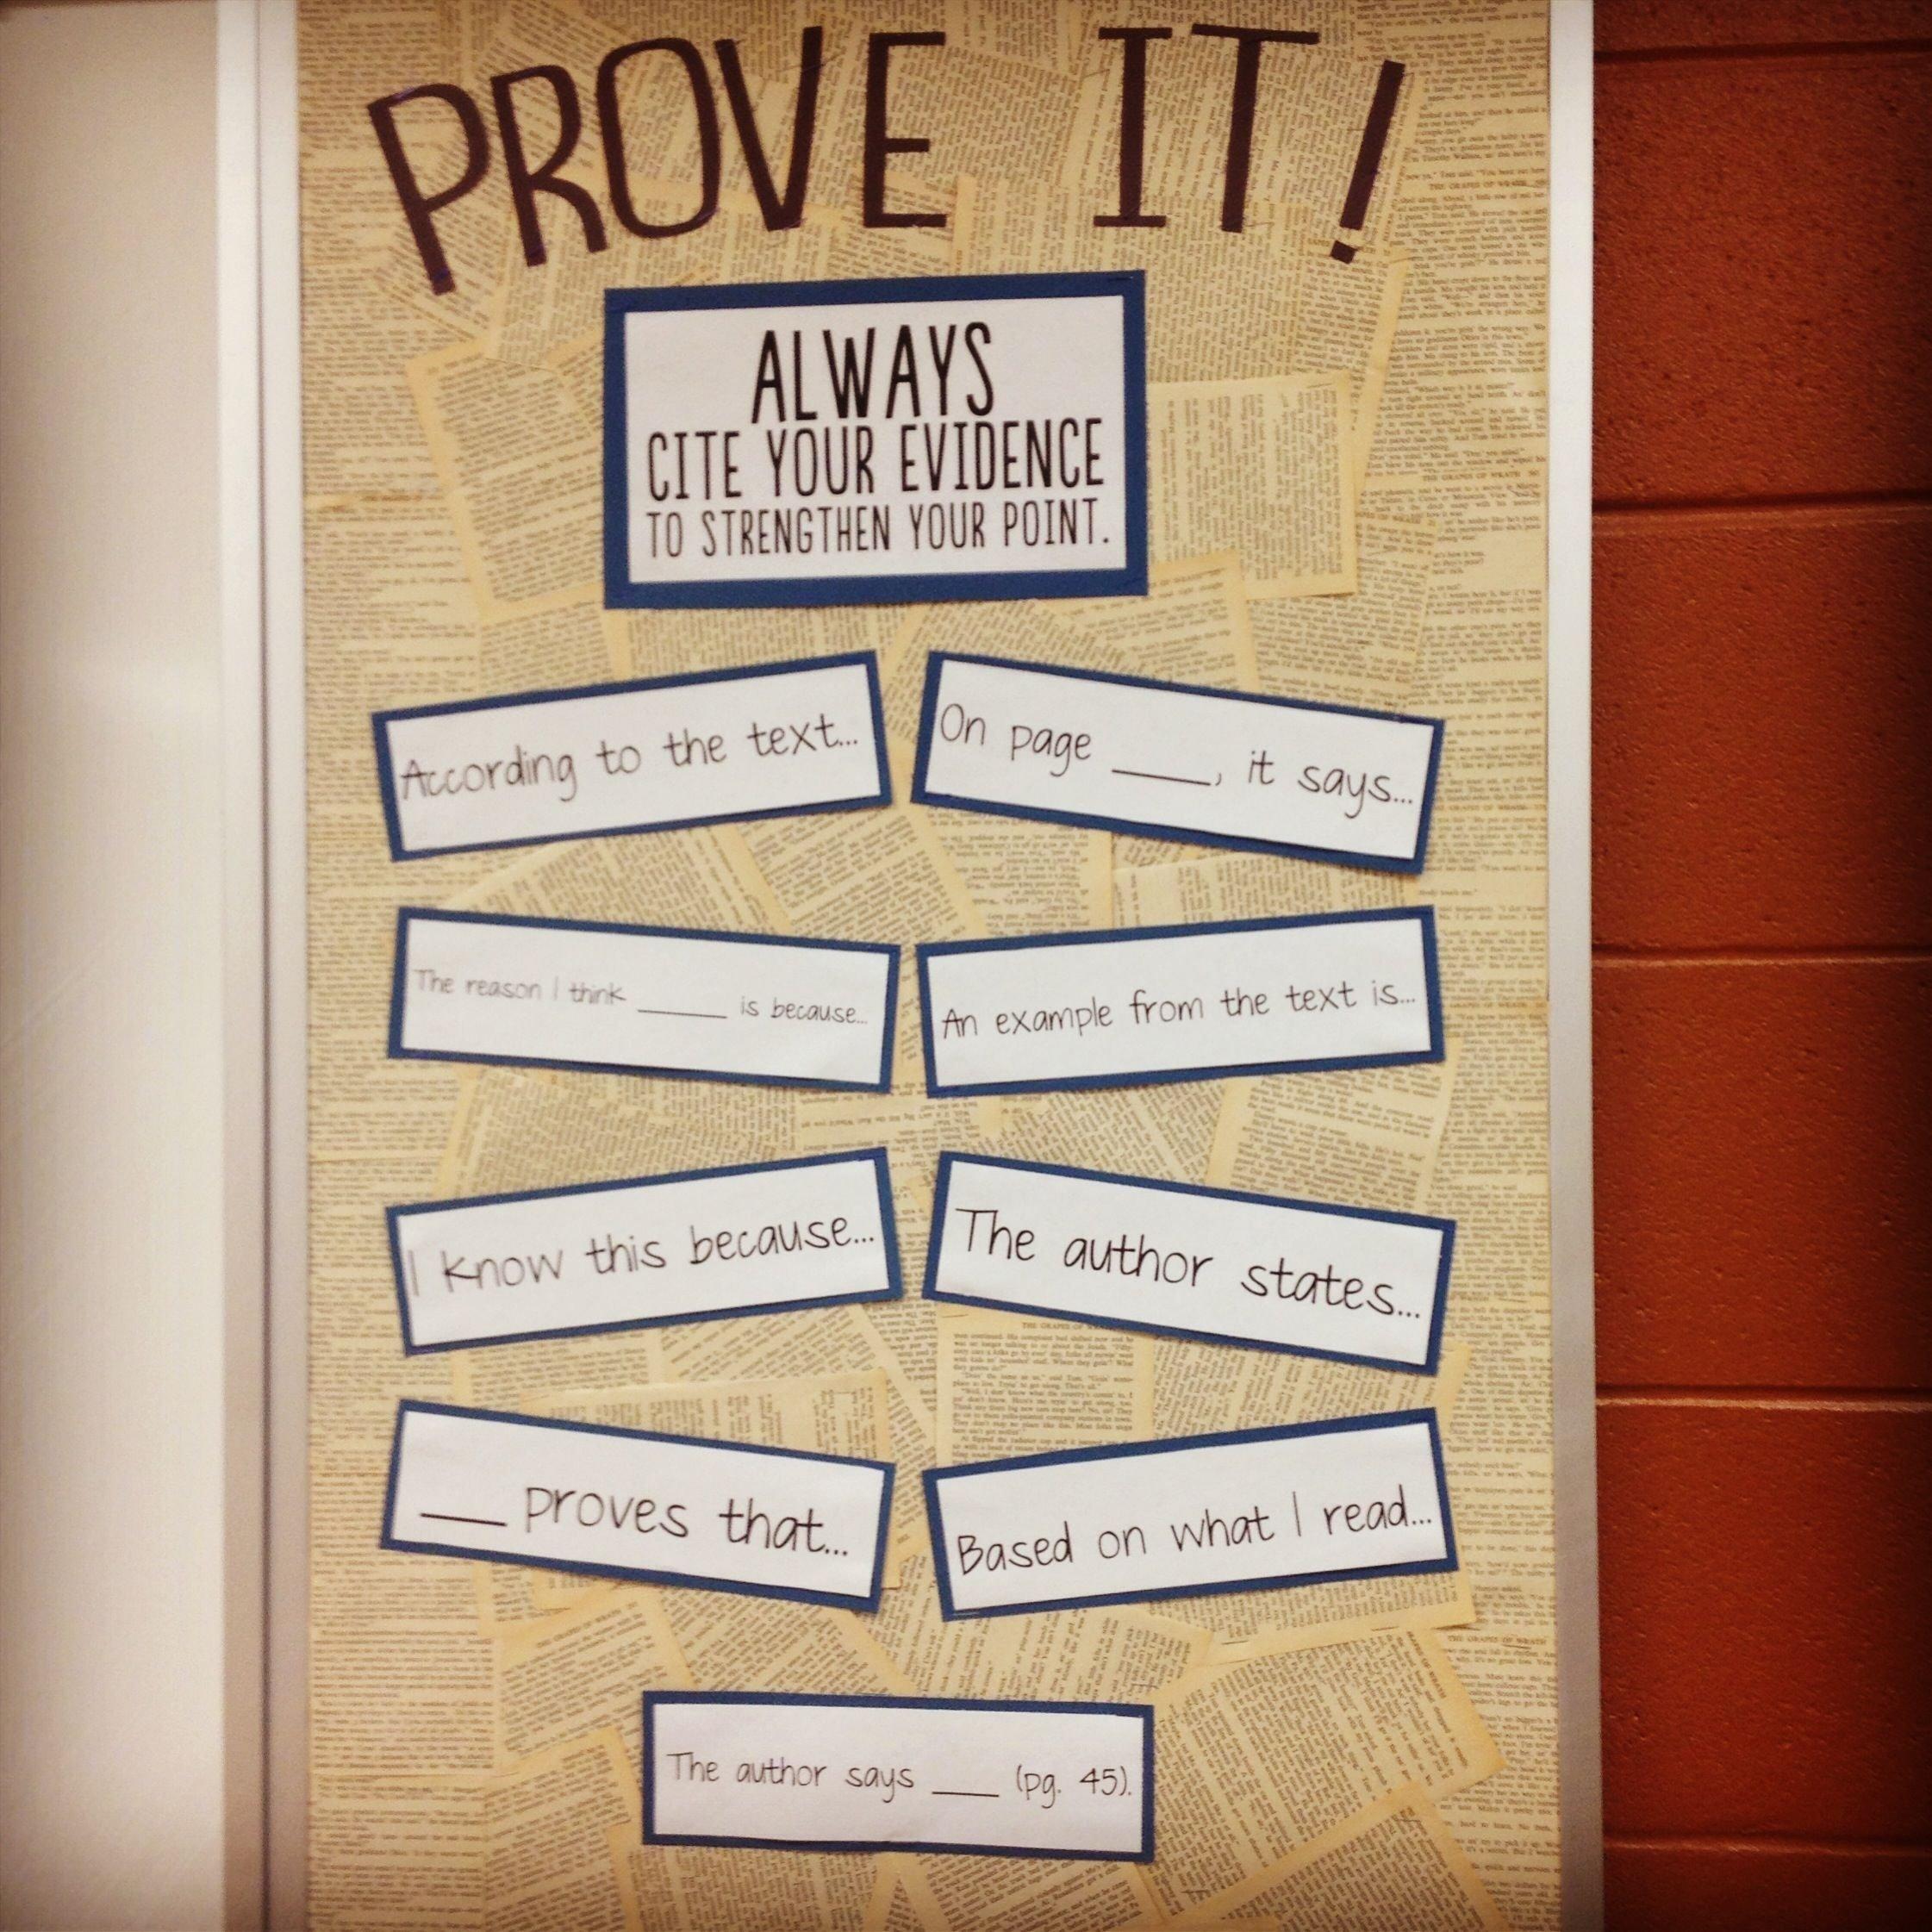 10 Most Popular High School English Bulletin Board Ideas 27 diy cool cork board ideas instalation photos english 2020